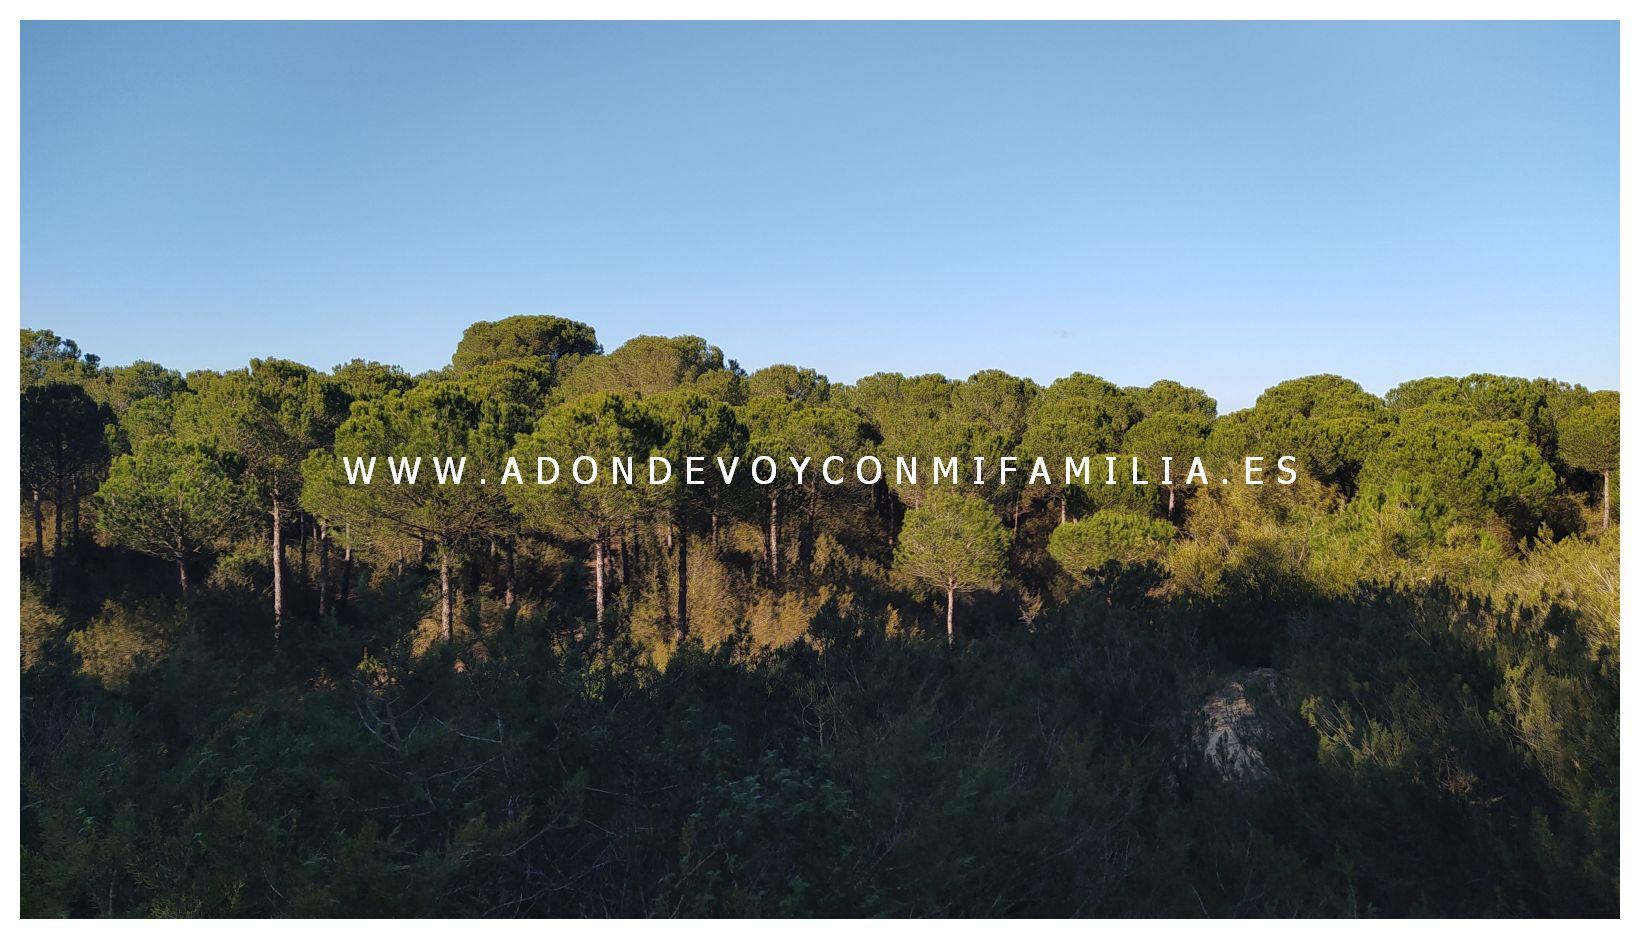 sendero cerro del aguila pinar de la algaida sanlucar adondevoyconmifamilia 37